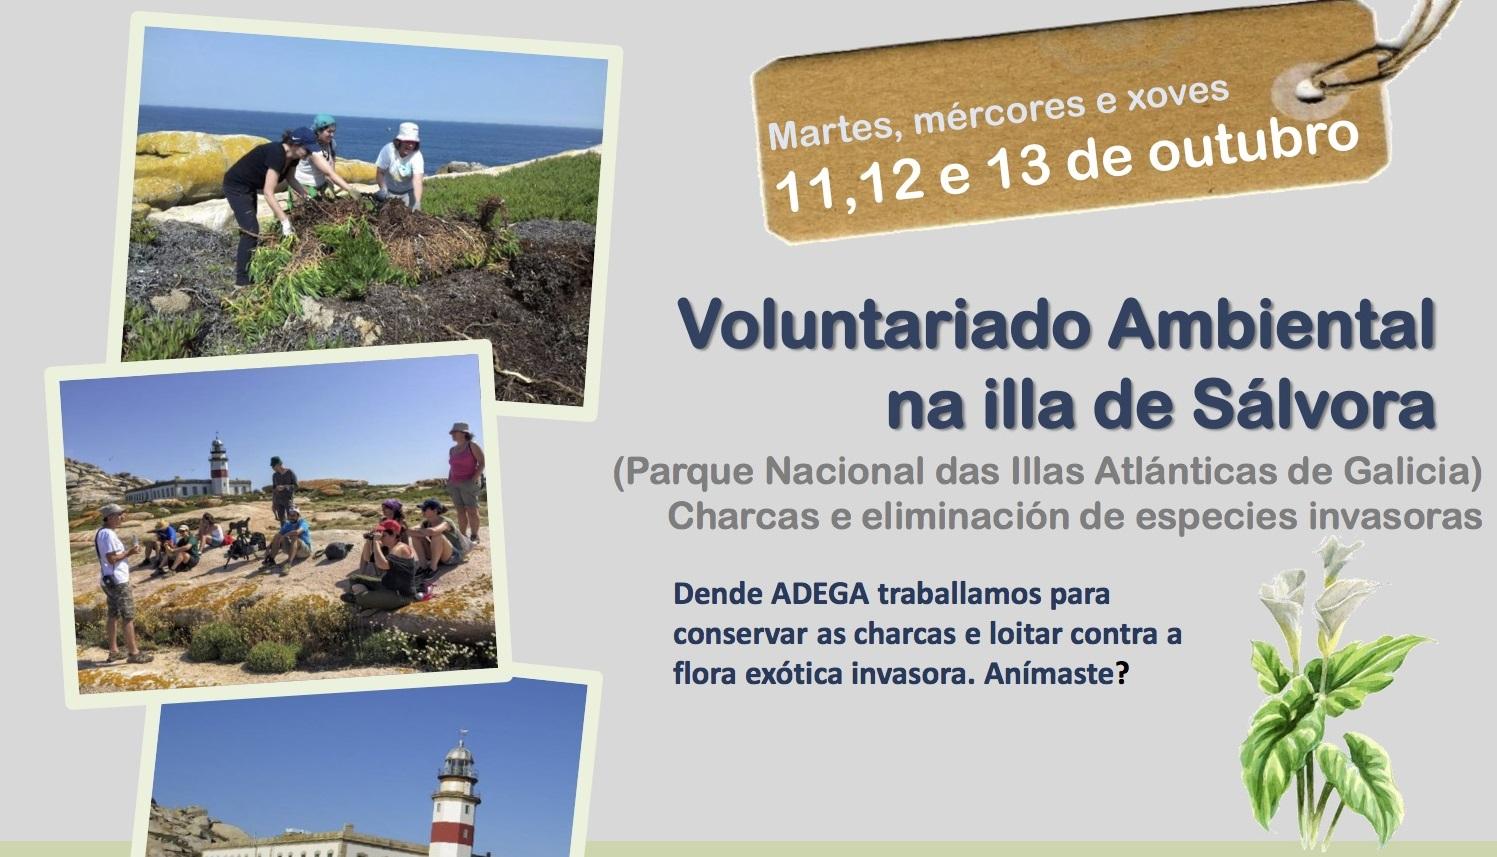 Voluntariado ambiental na illa de Sálvora con ADEGA